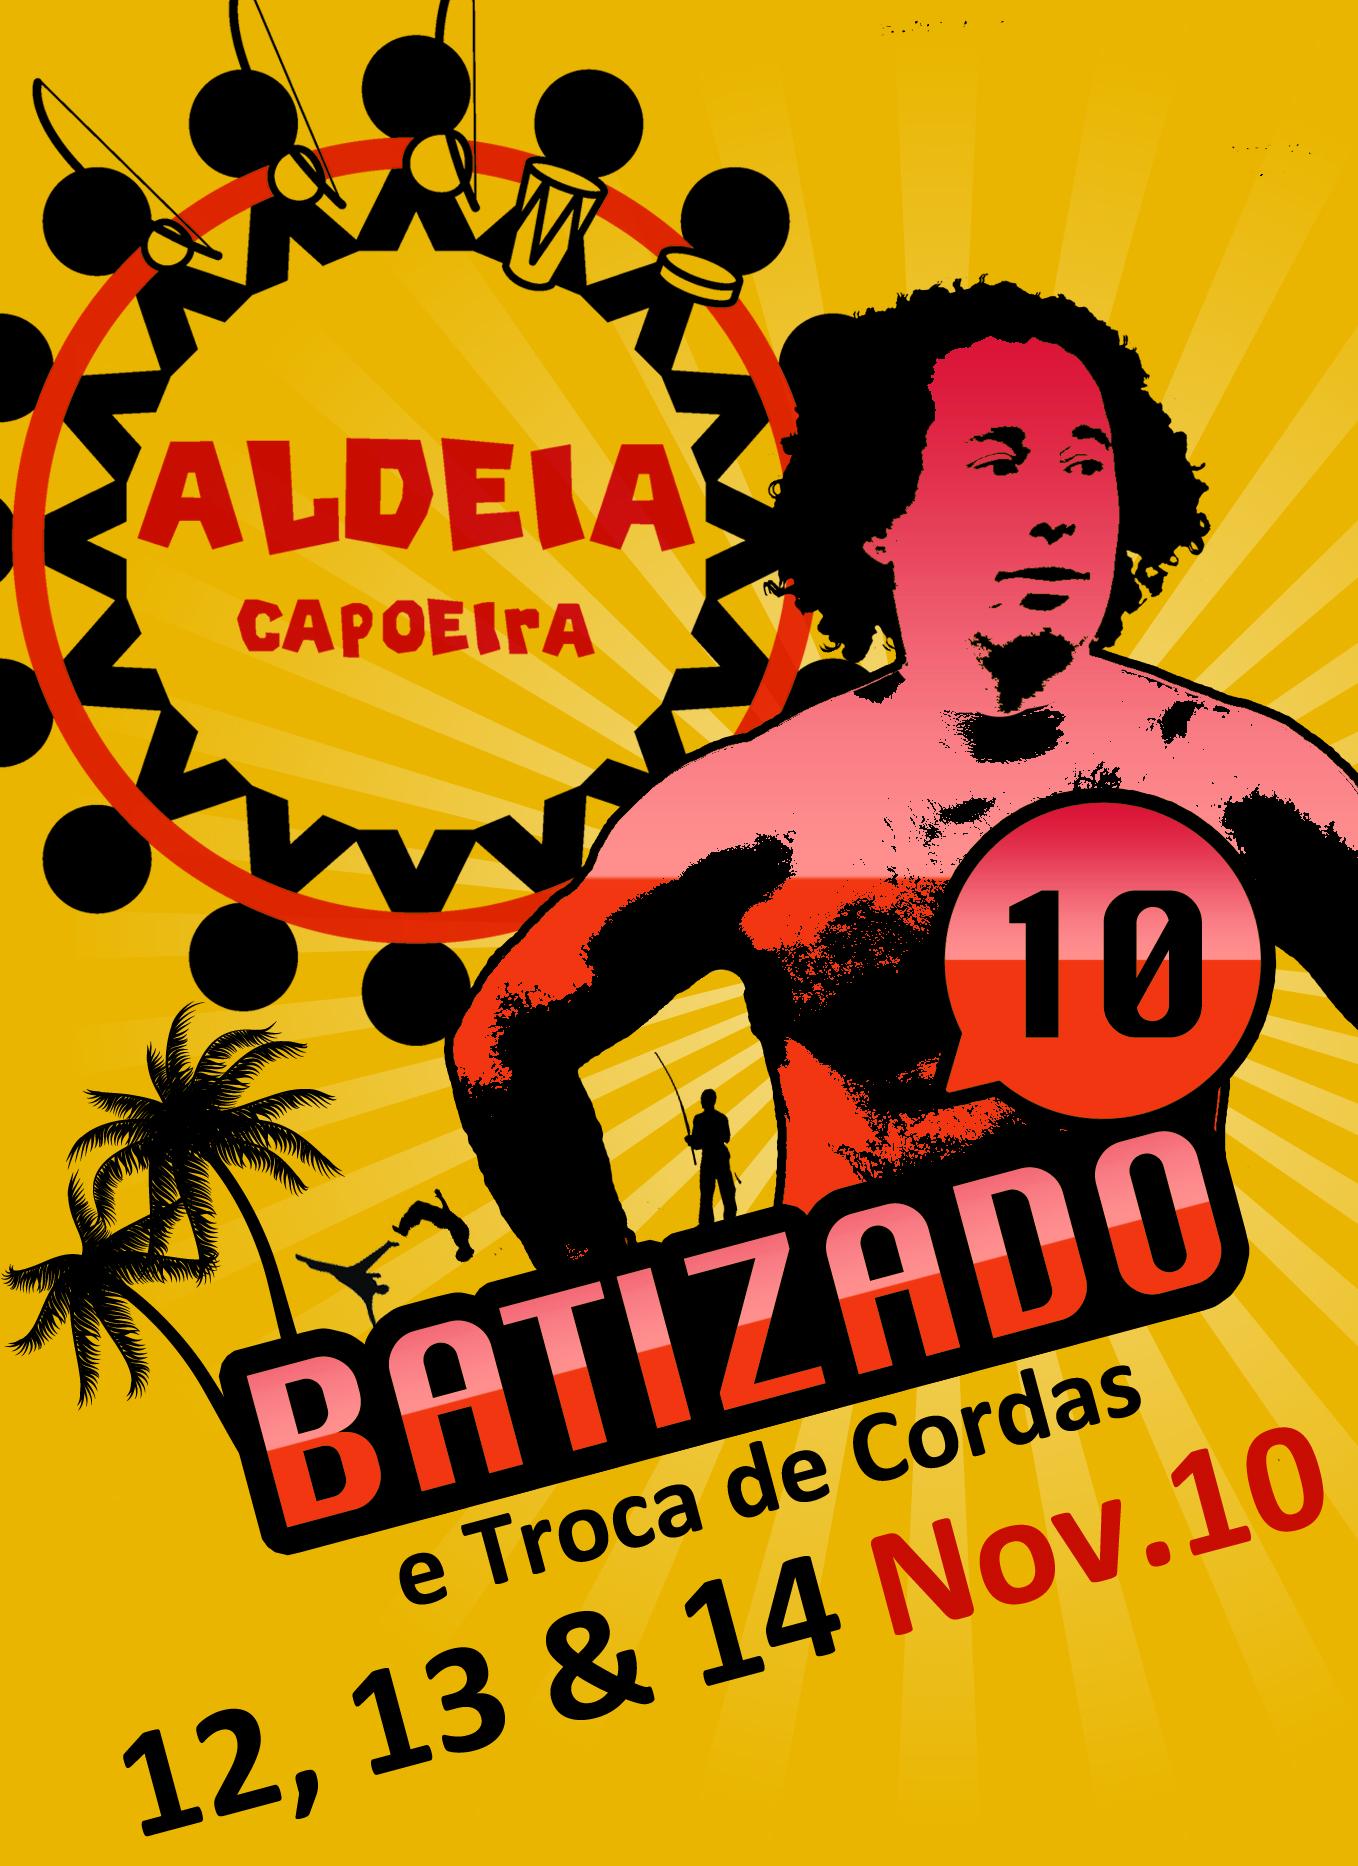 aldeia-flyer-batizao2010